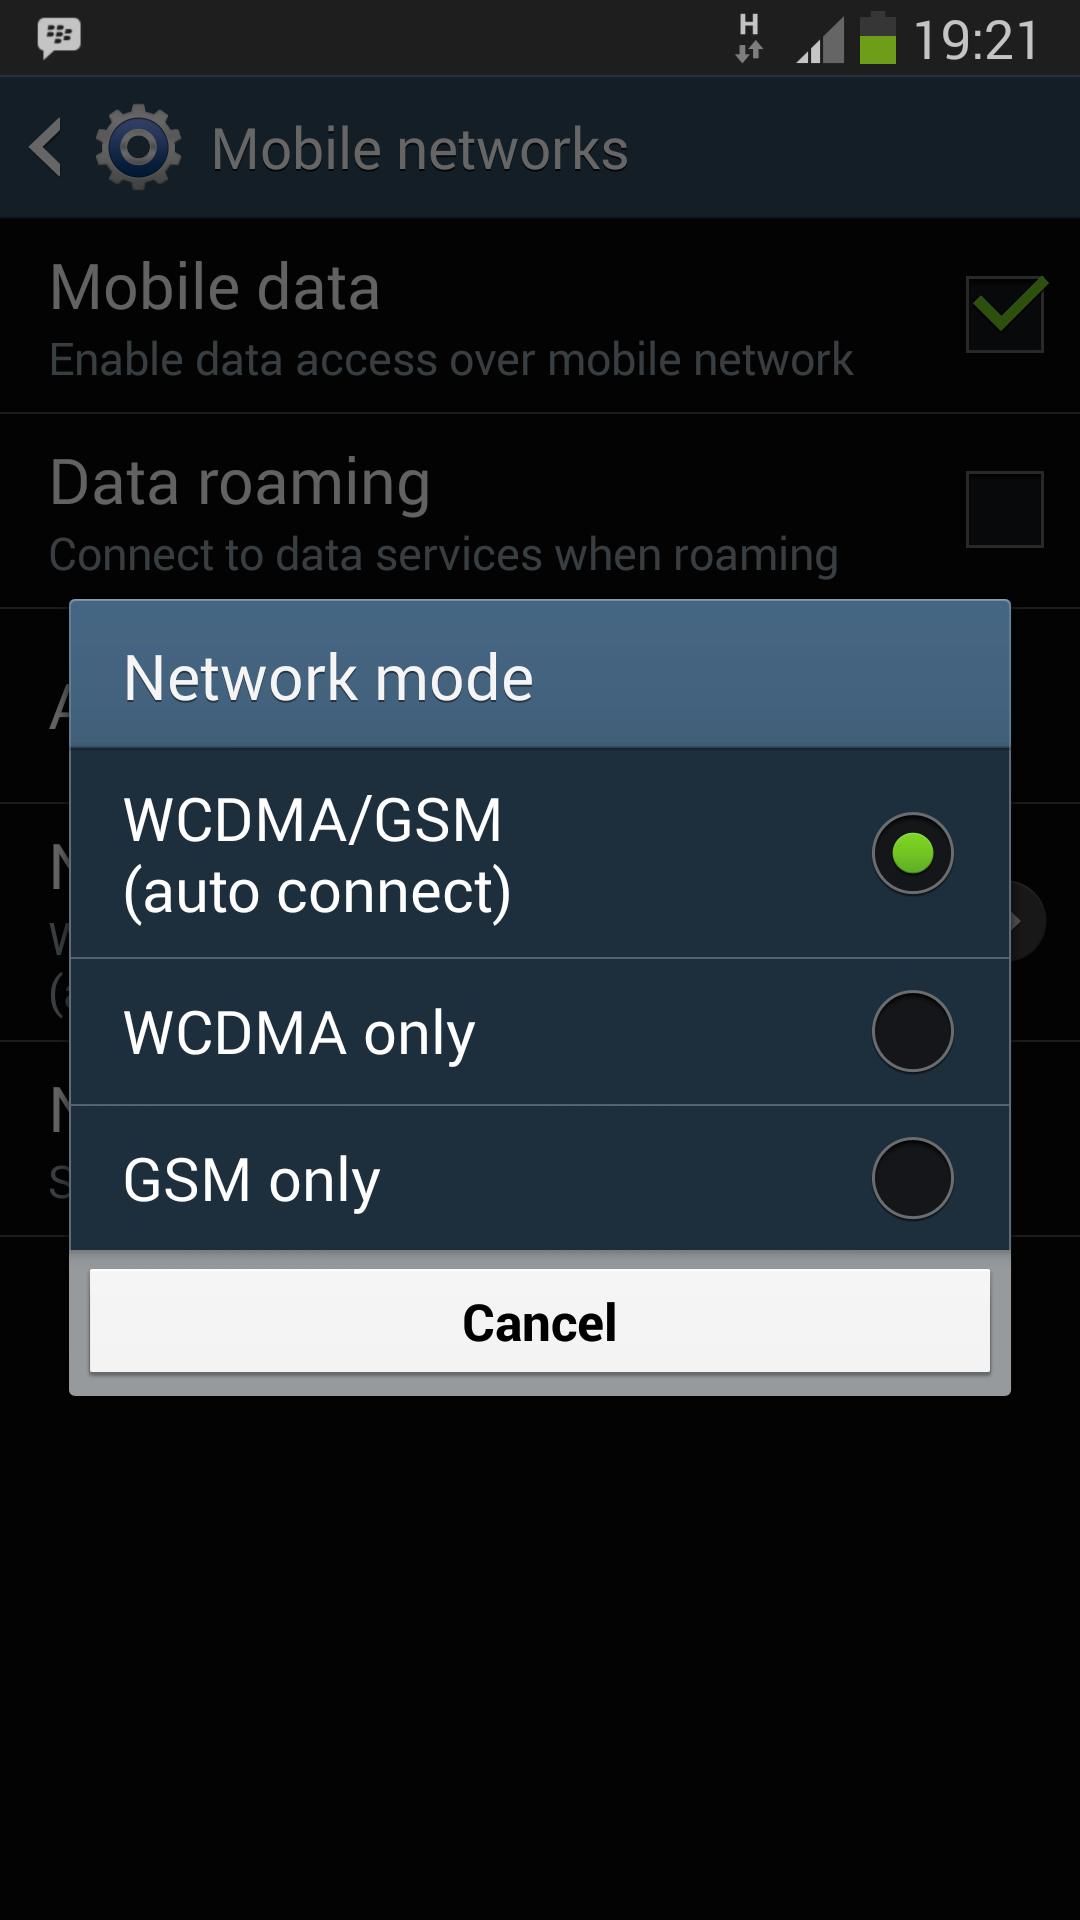 No 4G LTE network option in Samsung S4 I9506 - Samsung Galaxy S4